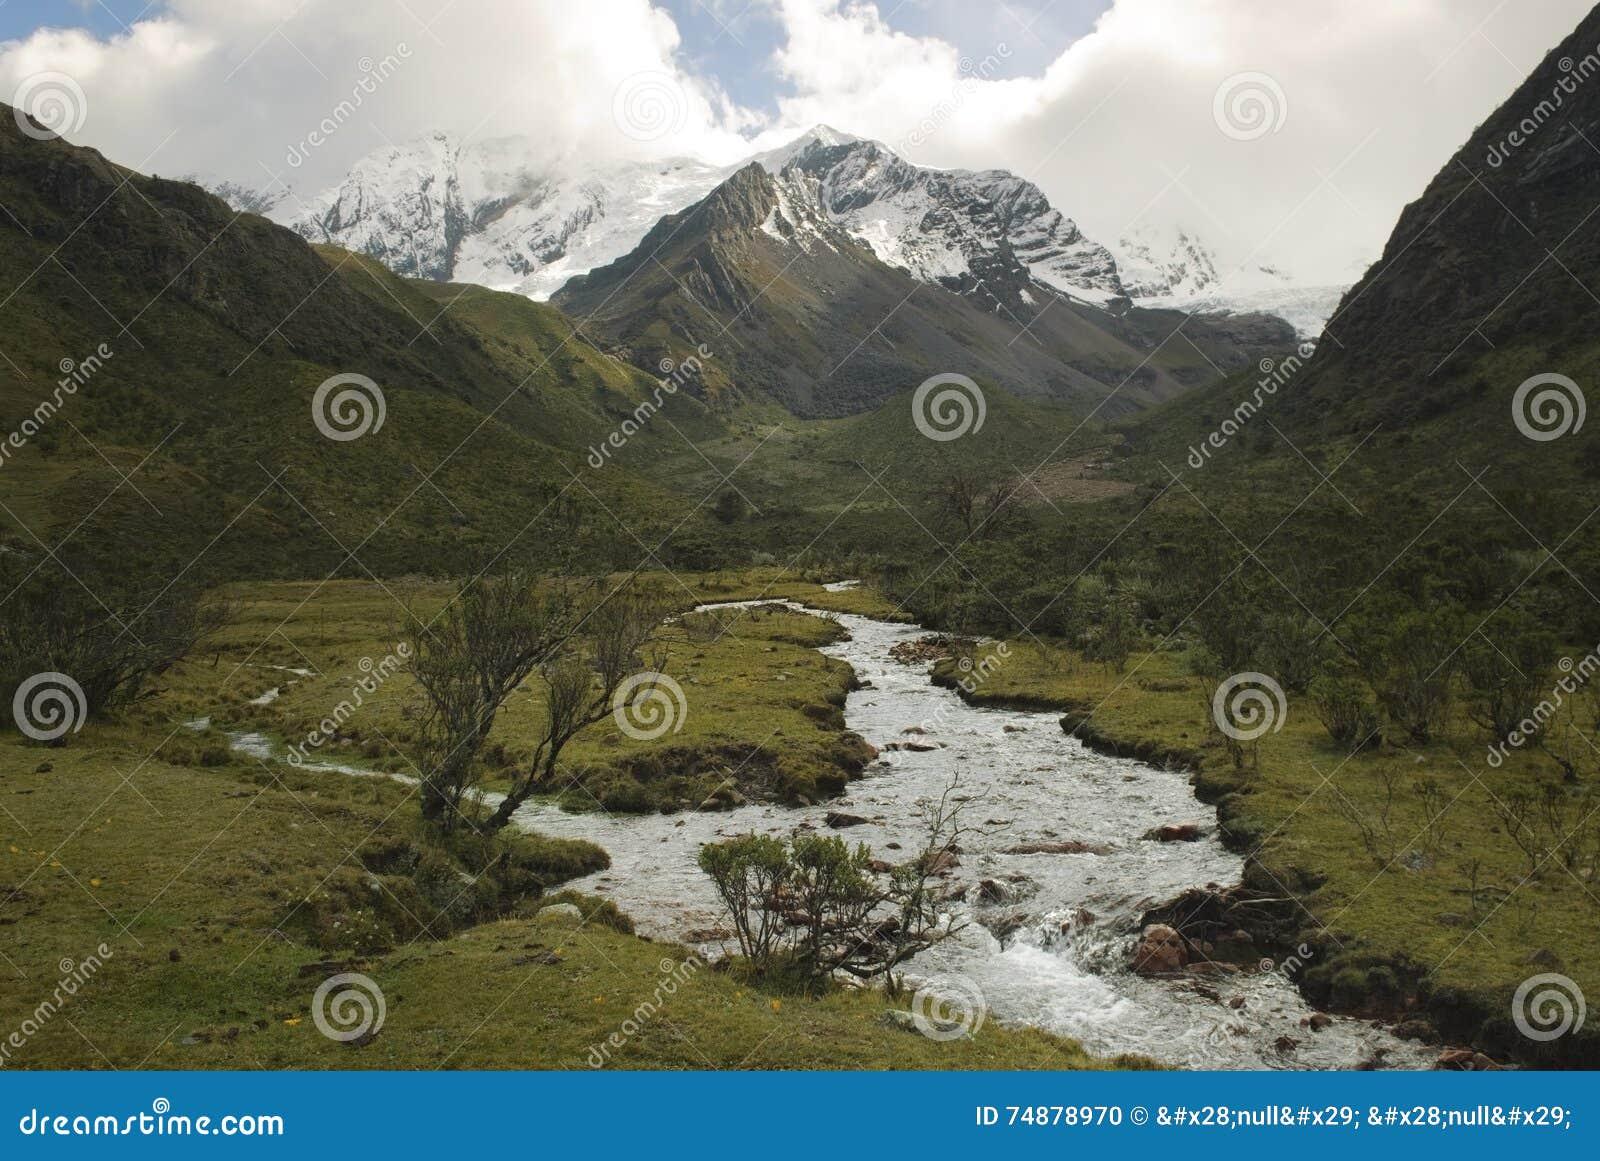 Rio da água derretida da geleira de Tullparahu que flui abaixo do vale de Quillcayhuance, Peru